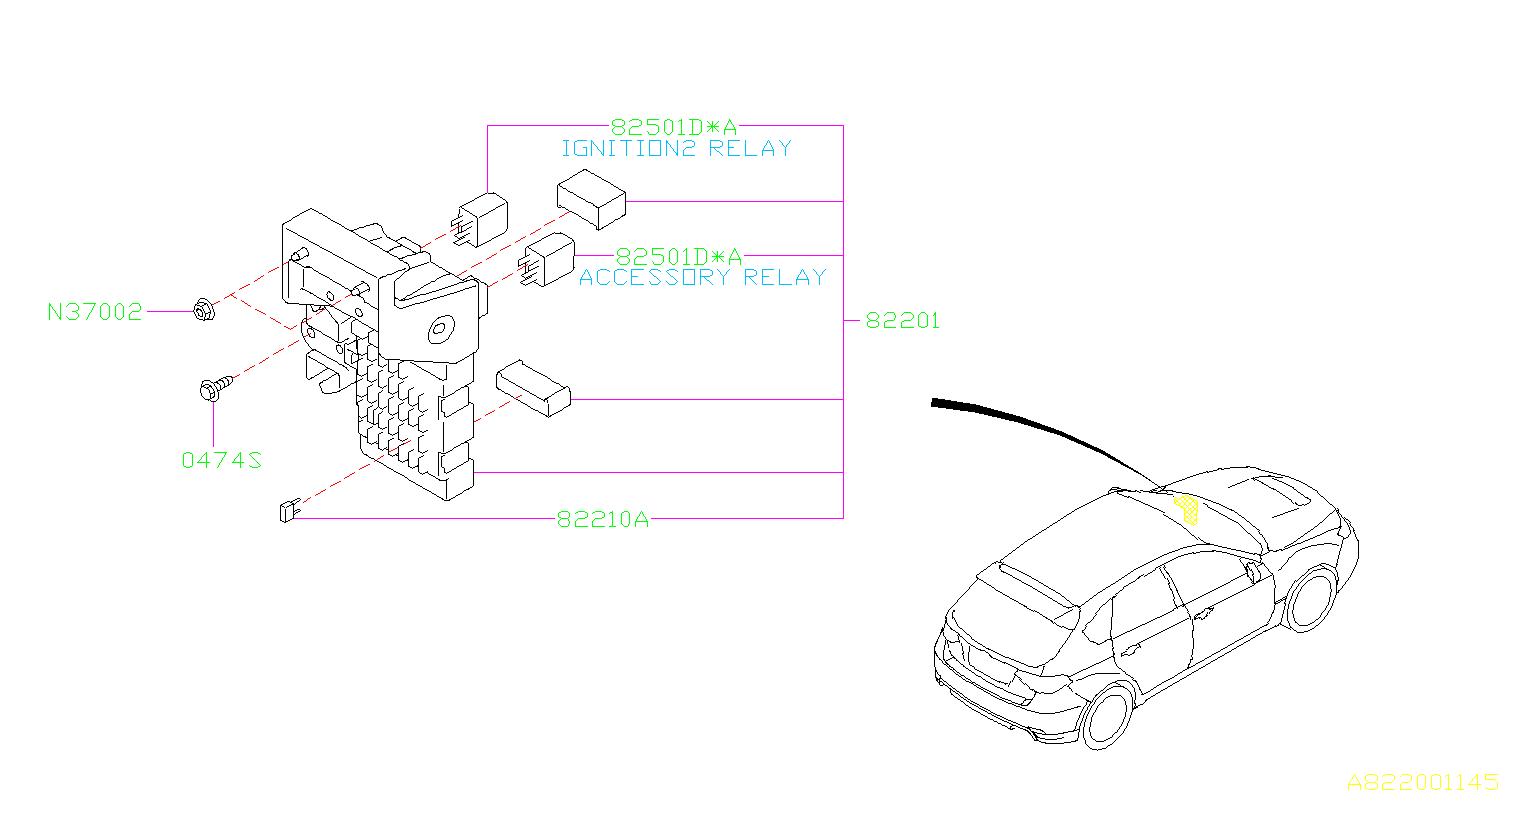 Subaru Impreza Accessory Power Relay Box Fuse Main